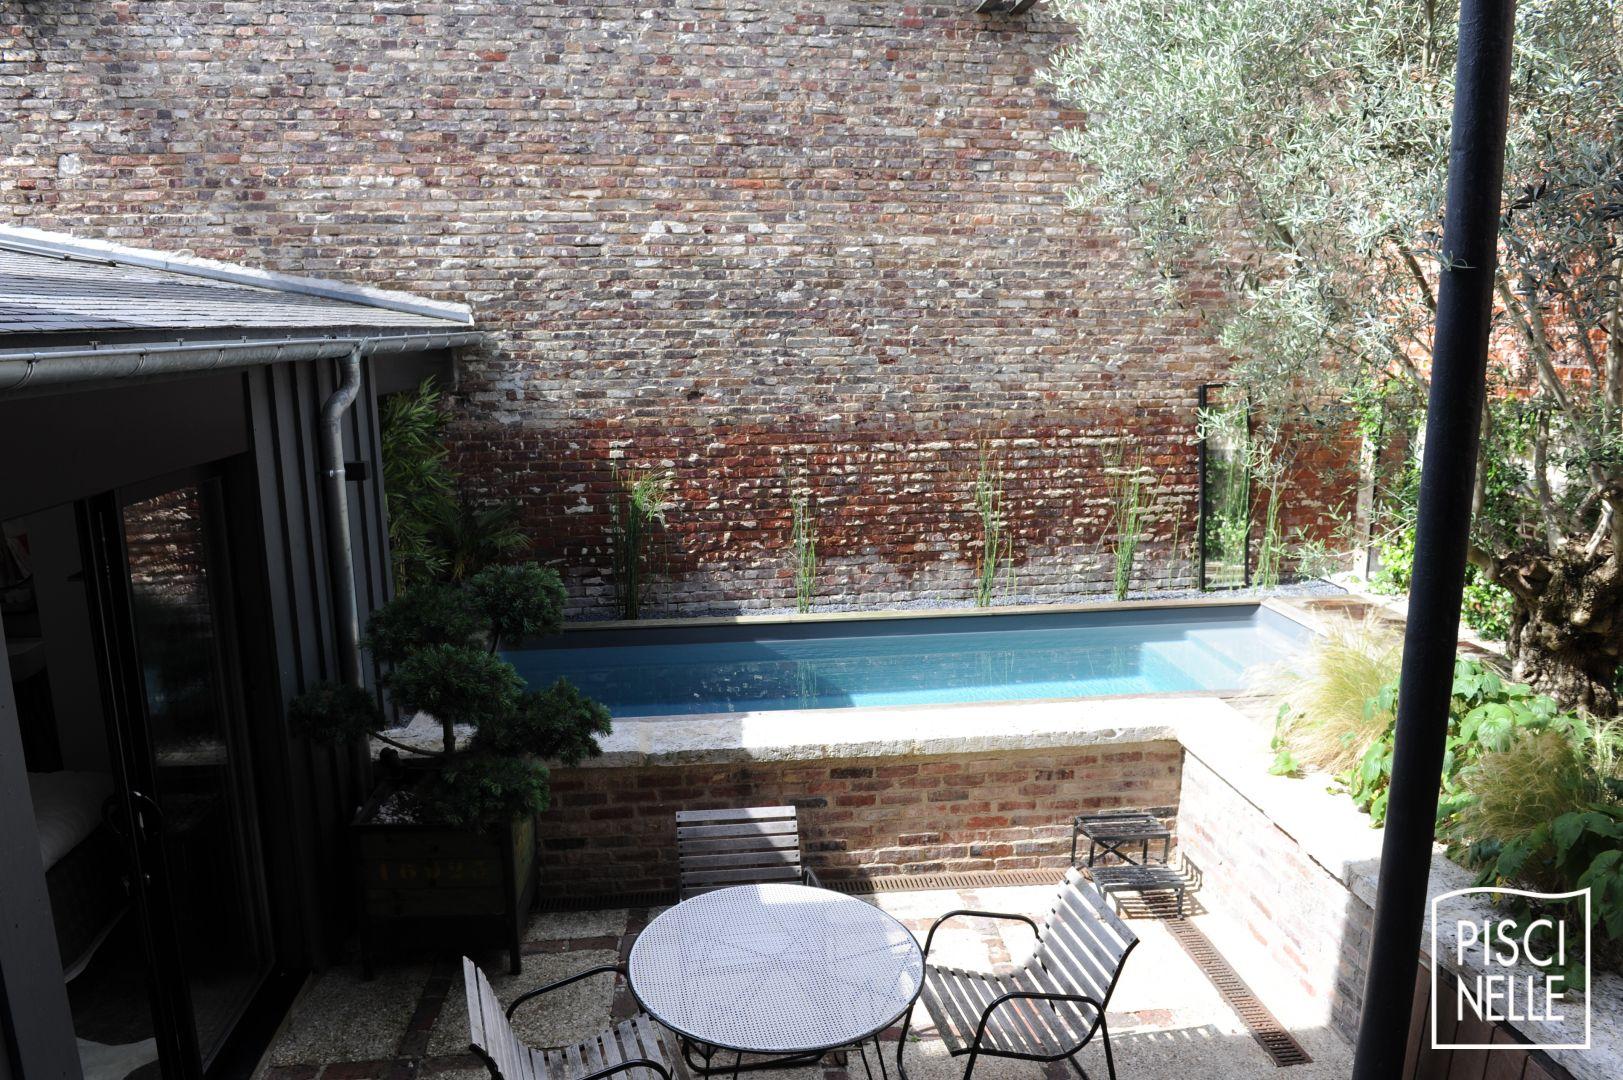 Couvrir Une Cour Intérieure une mini piscine hors-sol esthétique et économique à rouen